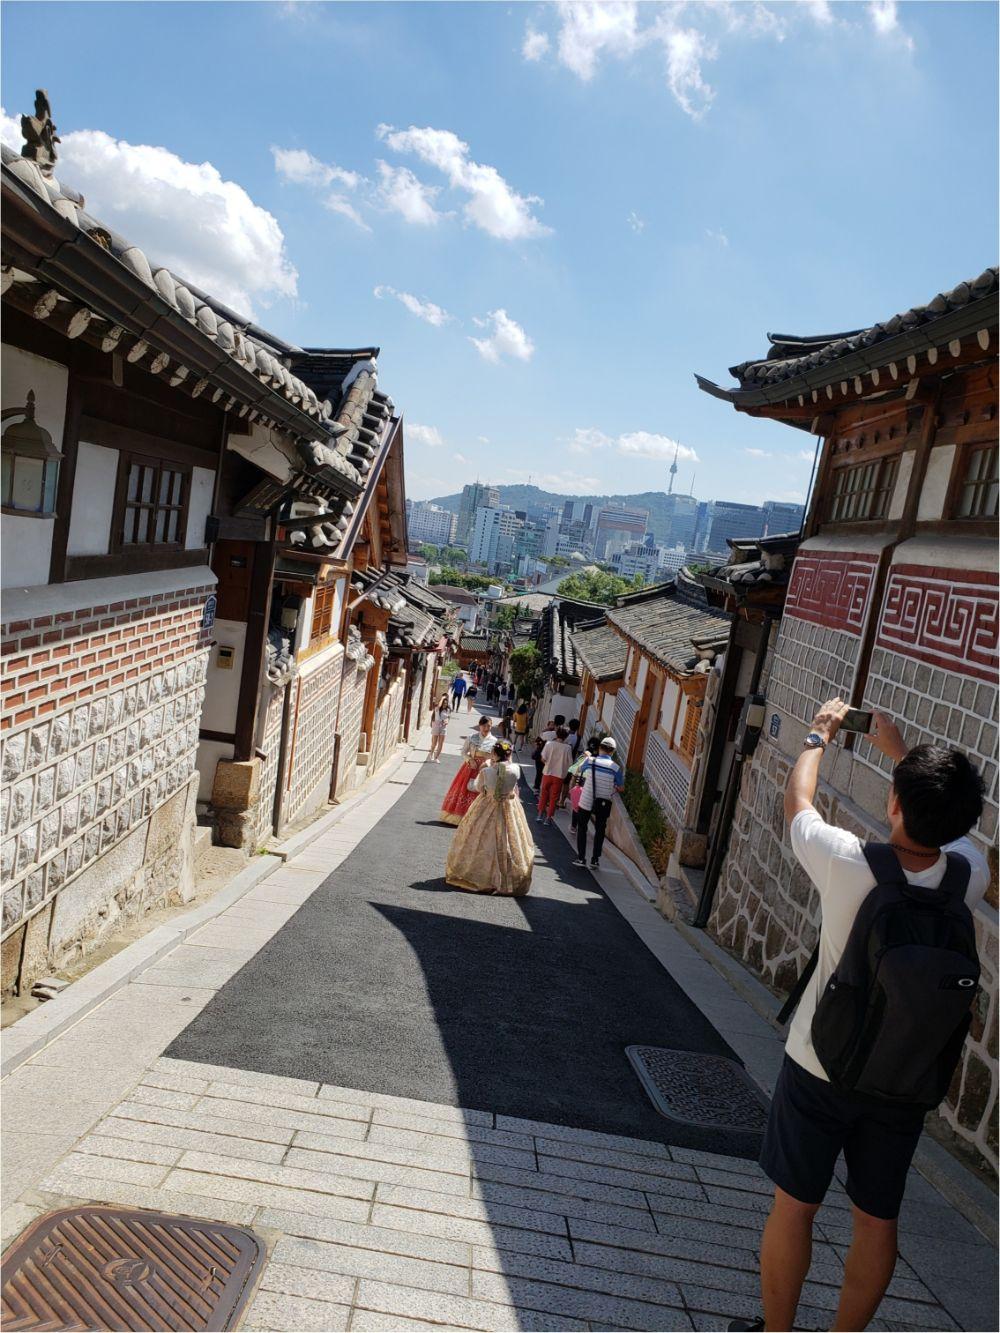 韓国のおすすめ観光スポット特集 - かわいいカフェ、ショップなど韓国女子旅情報!_43